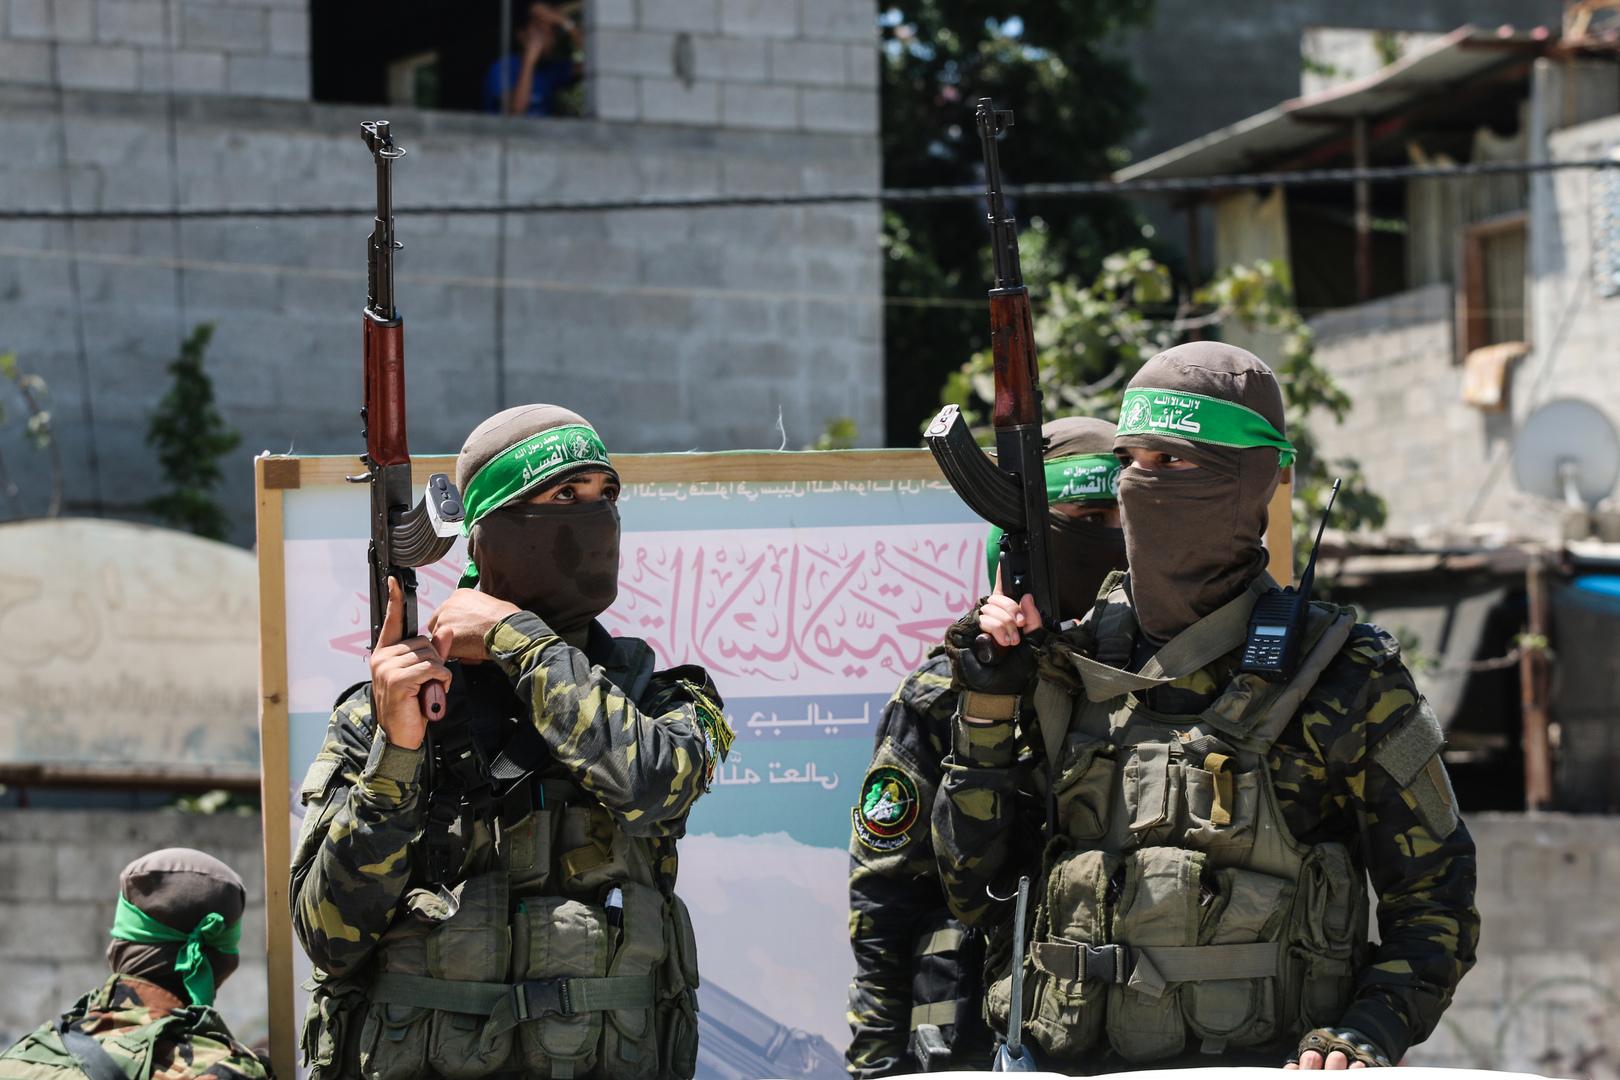 عناصر من حركة حماس الفلسطينية